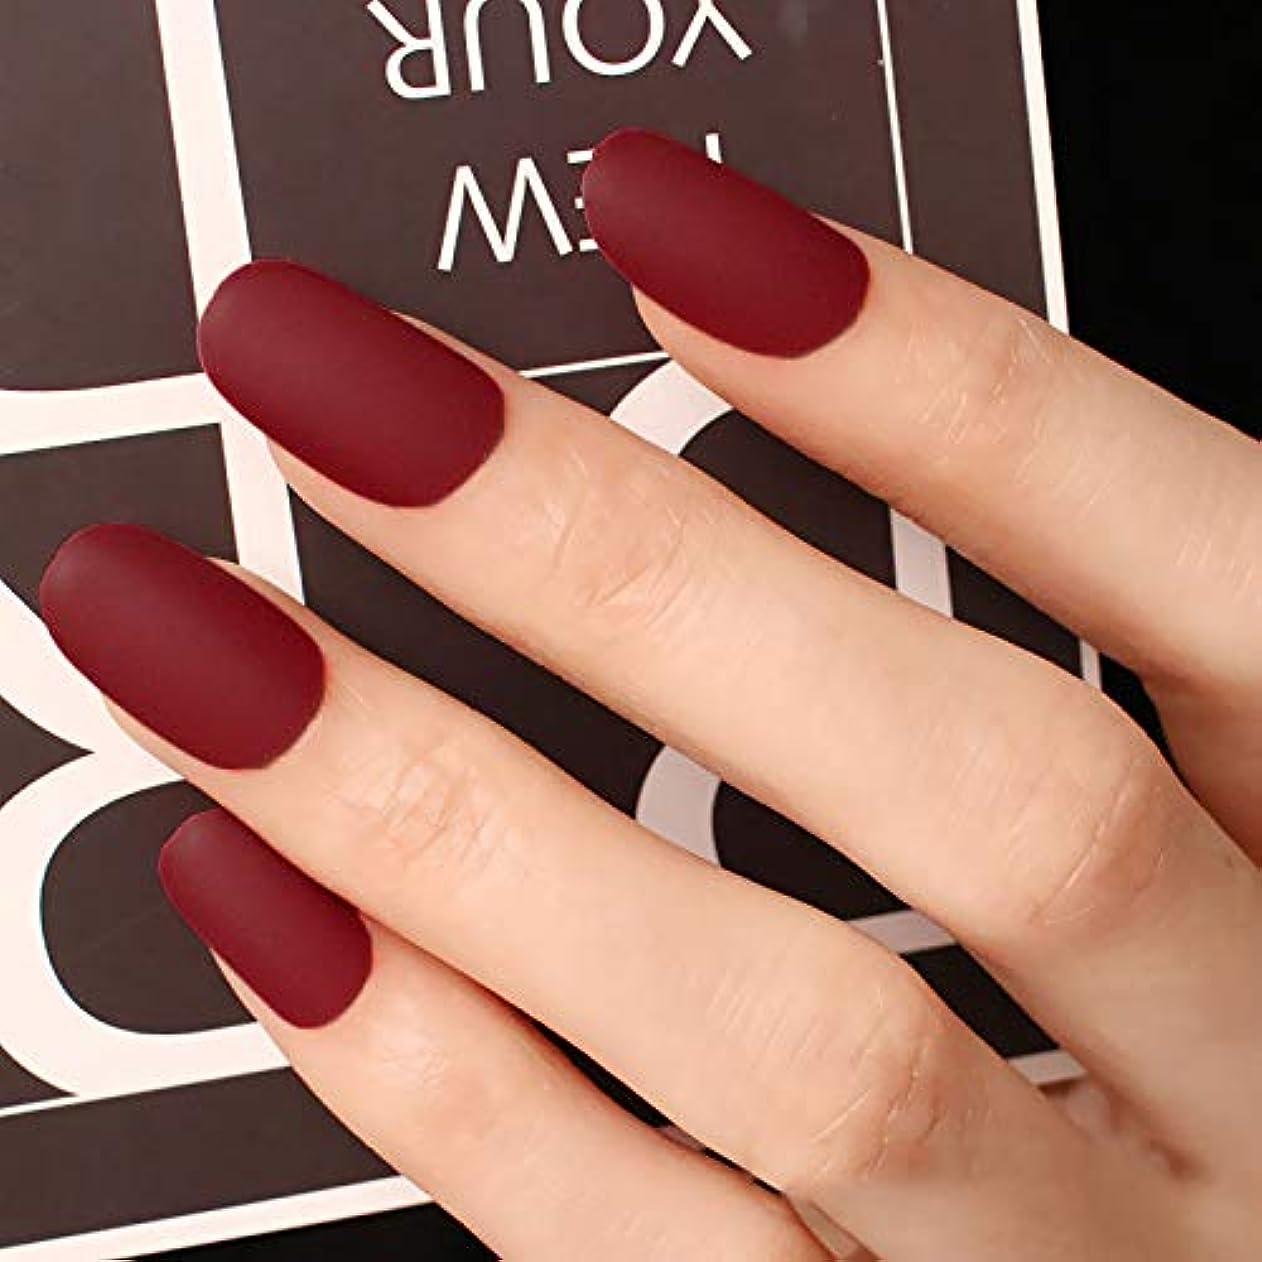 捧げる意識的列挙するYeabay 24pcsレディースDIYうその爪の艶消しの声がかれる光DIYマニキュアをするうその爪の新婦のアップリケ (Dull red)